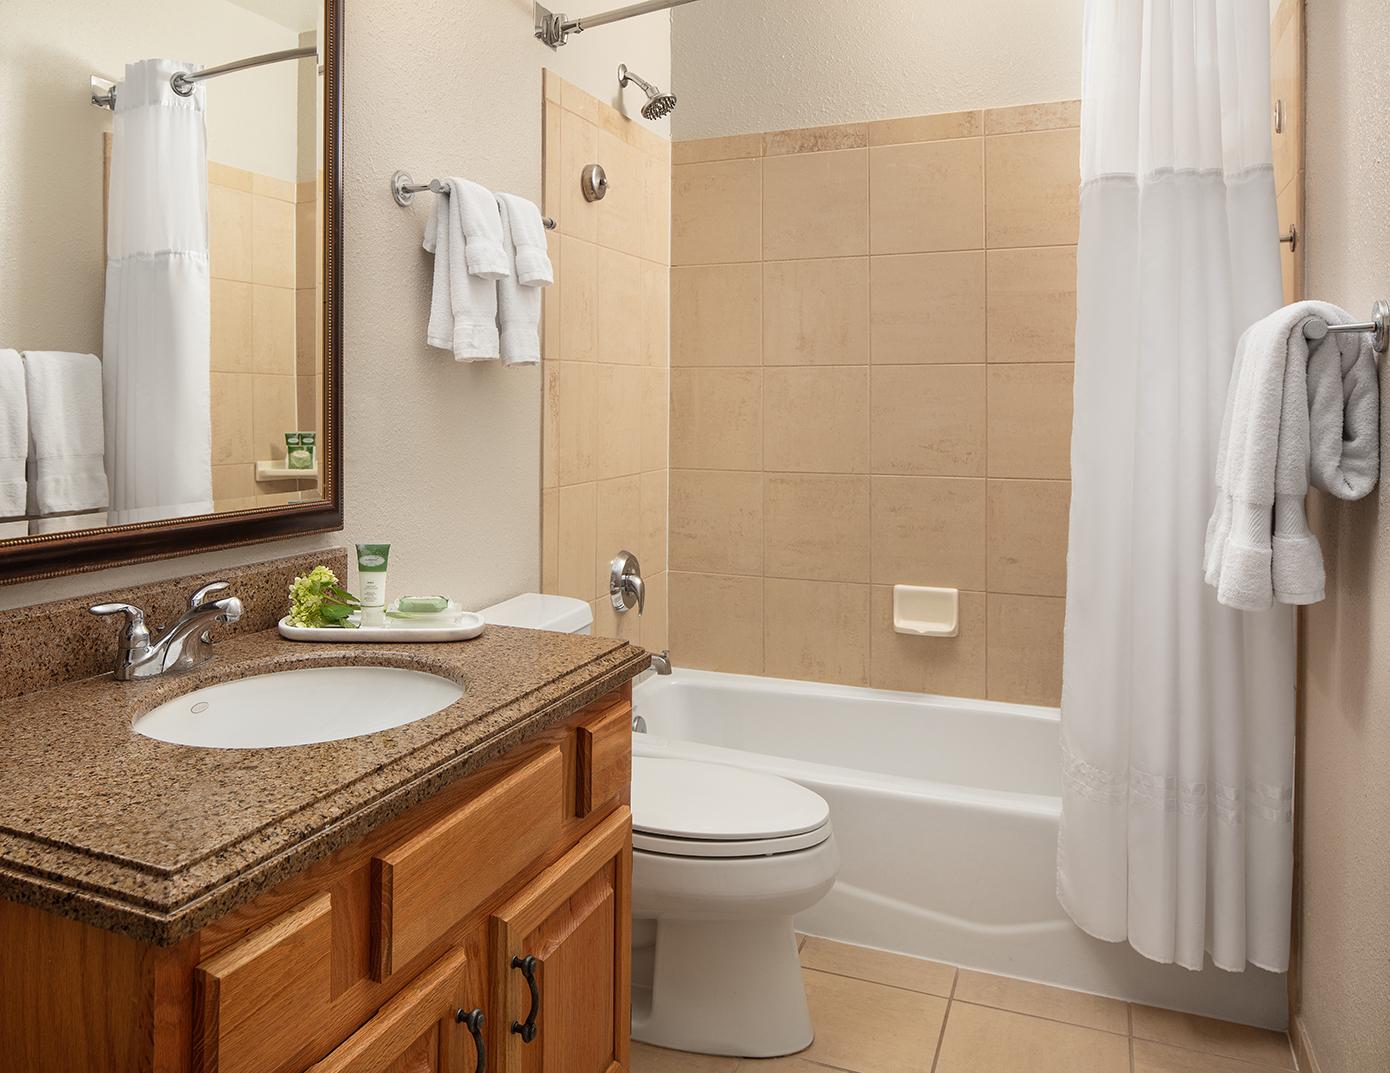 Marriott's StreamSide - Birch 1-Bedroom Bathroom, Birch. Marriott's StreamSide - Birch is located in Vail, Colorado United States.